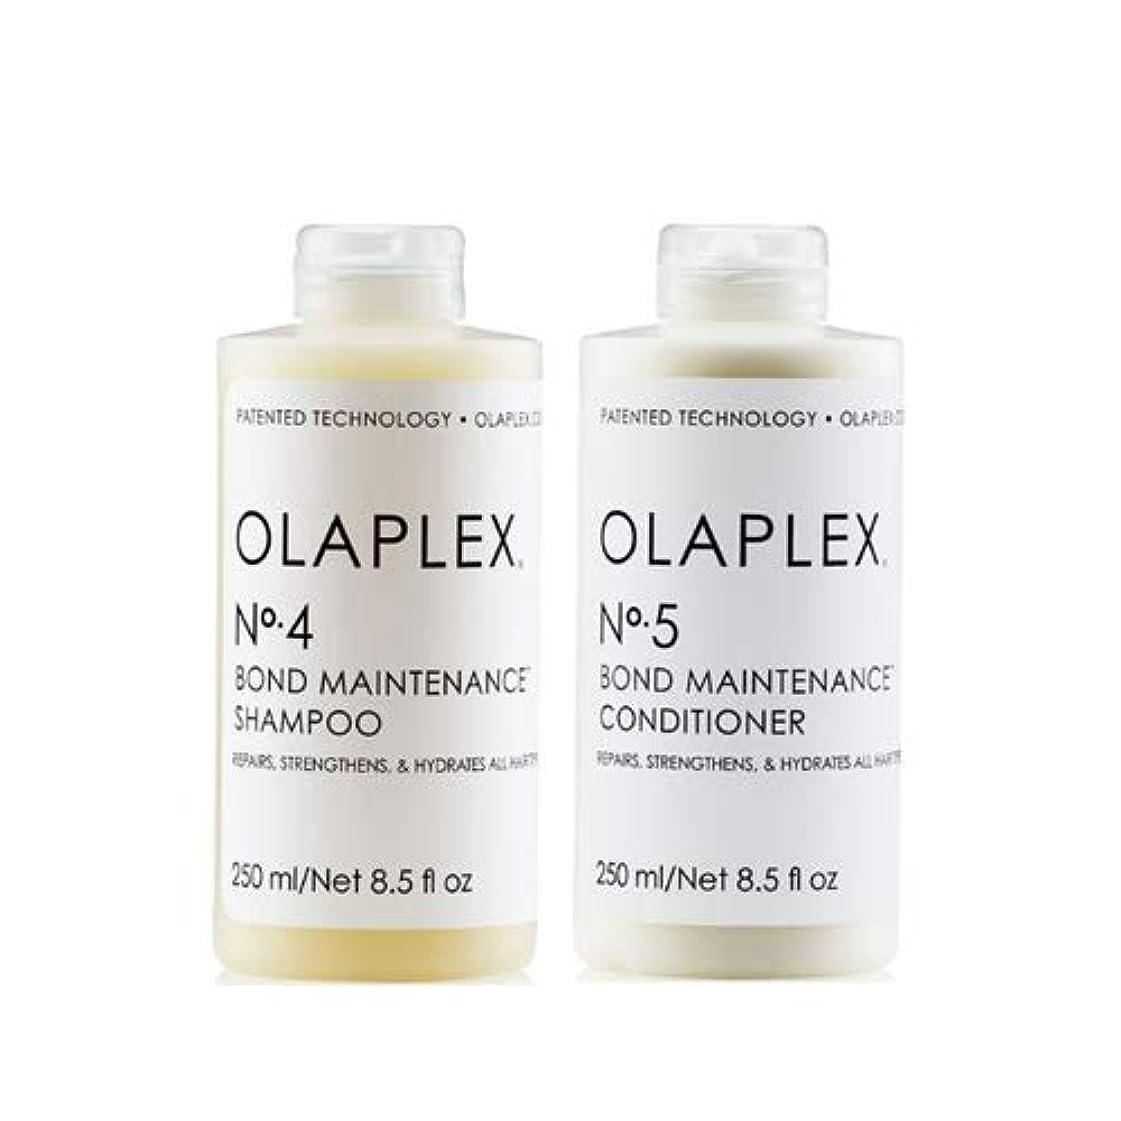 収容するキッチンロッジOlaplex オラプレックス No. 4 5 ボンド メンテナンス シャンプー&コンディショナー Olaplex Bond Maintenance Shampoo & Conditioner 【並行輸入品】